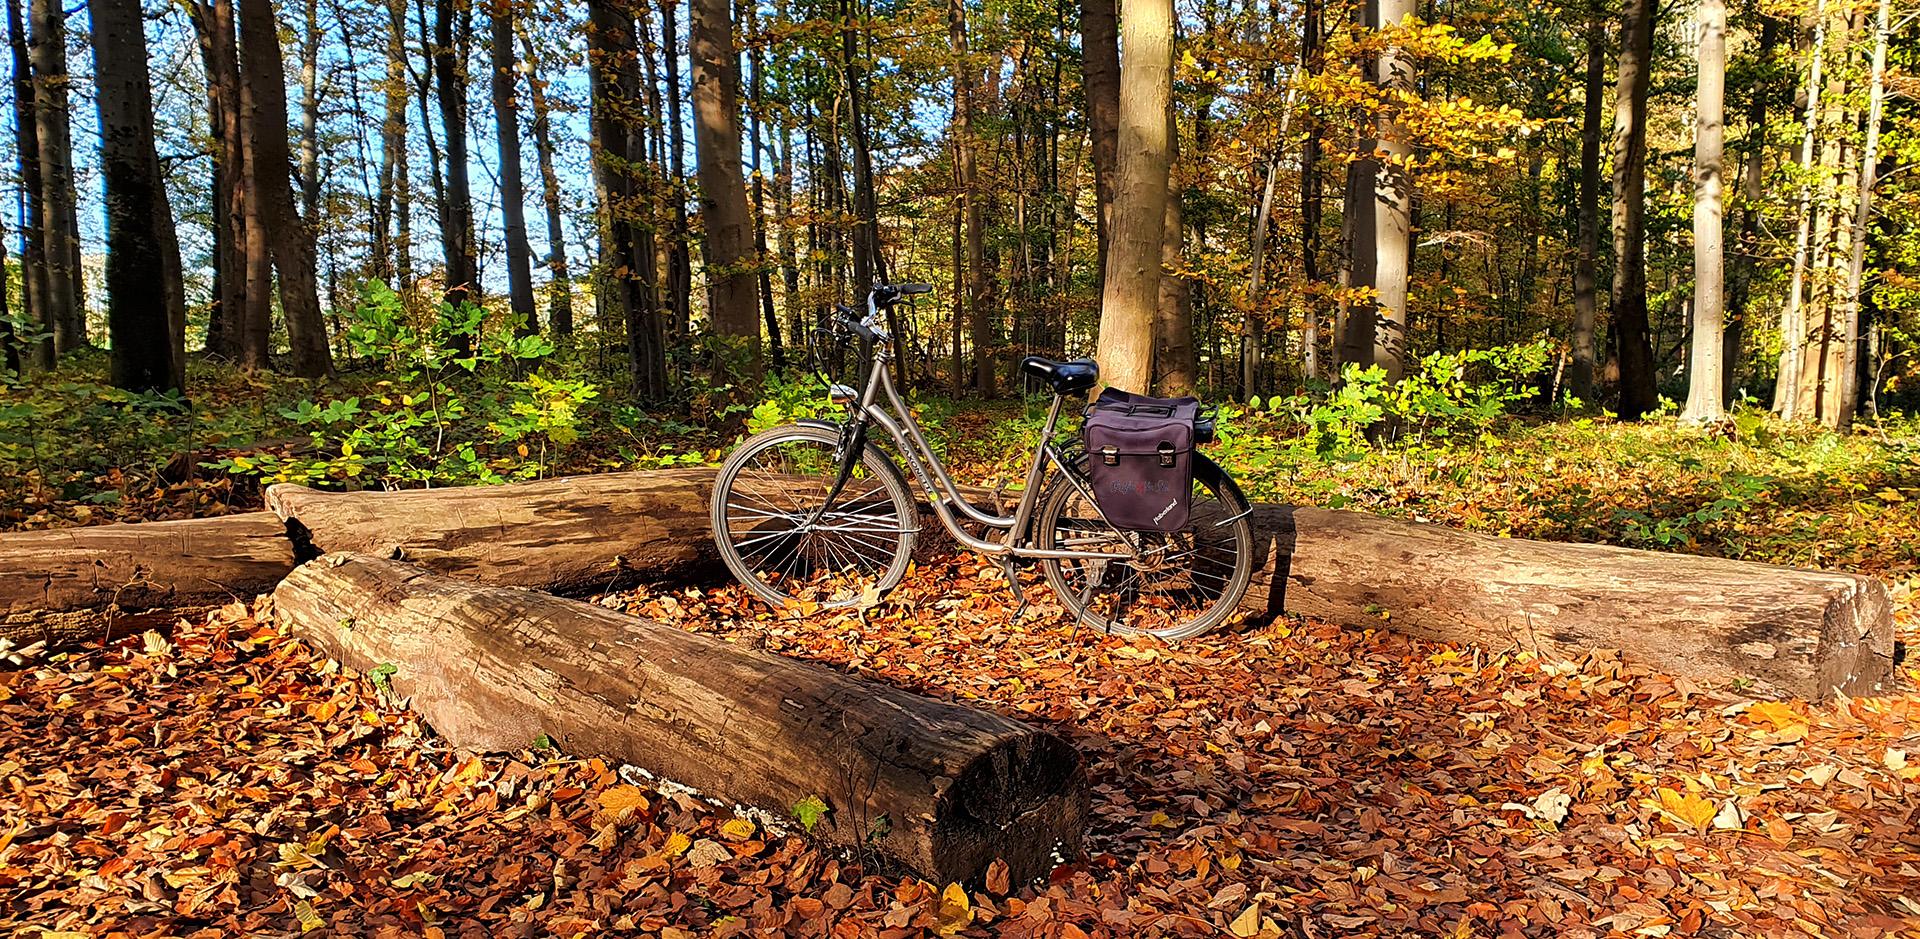 Fahrradtour im herbstlichen Wald, Naturschutzgebiet Eldena, Wald im Südosten der Hansestadt Greifswald in Mecklenburg-Vorpommern